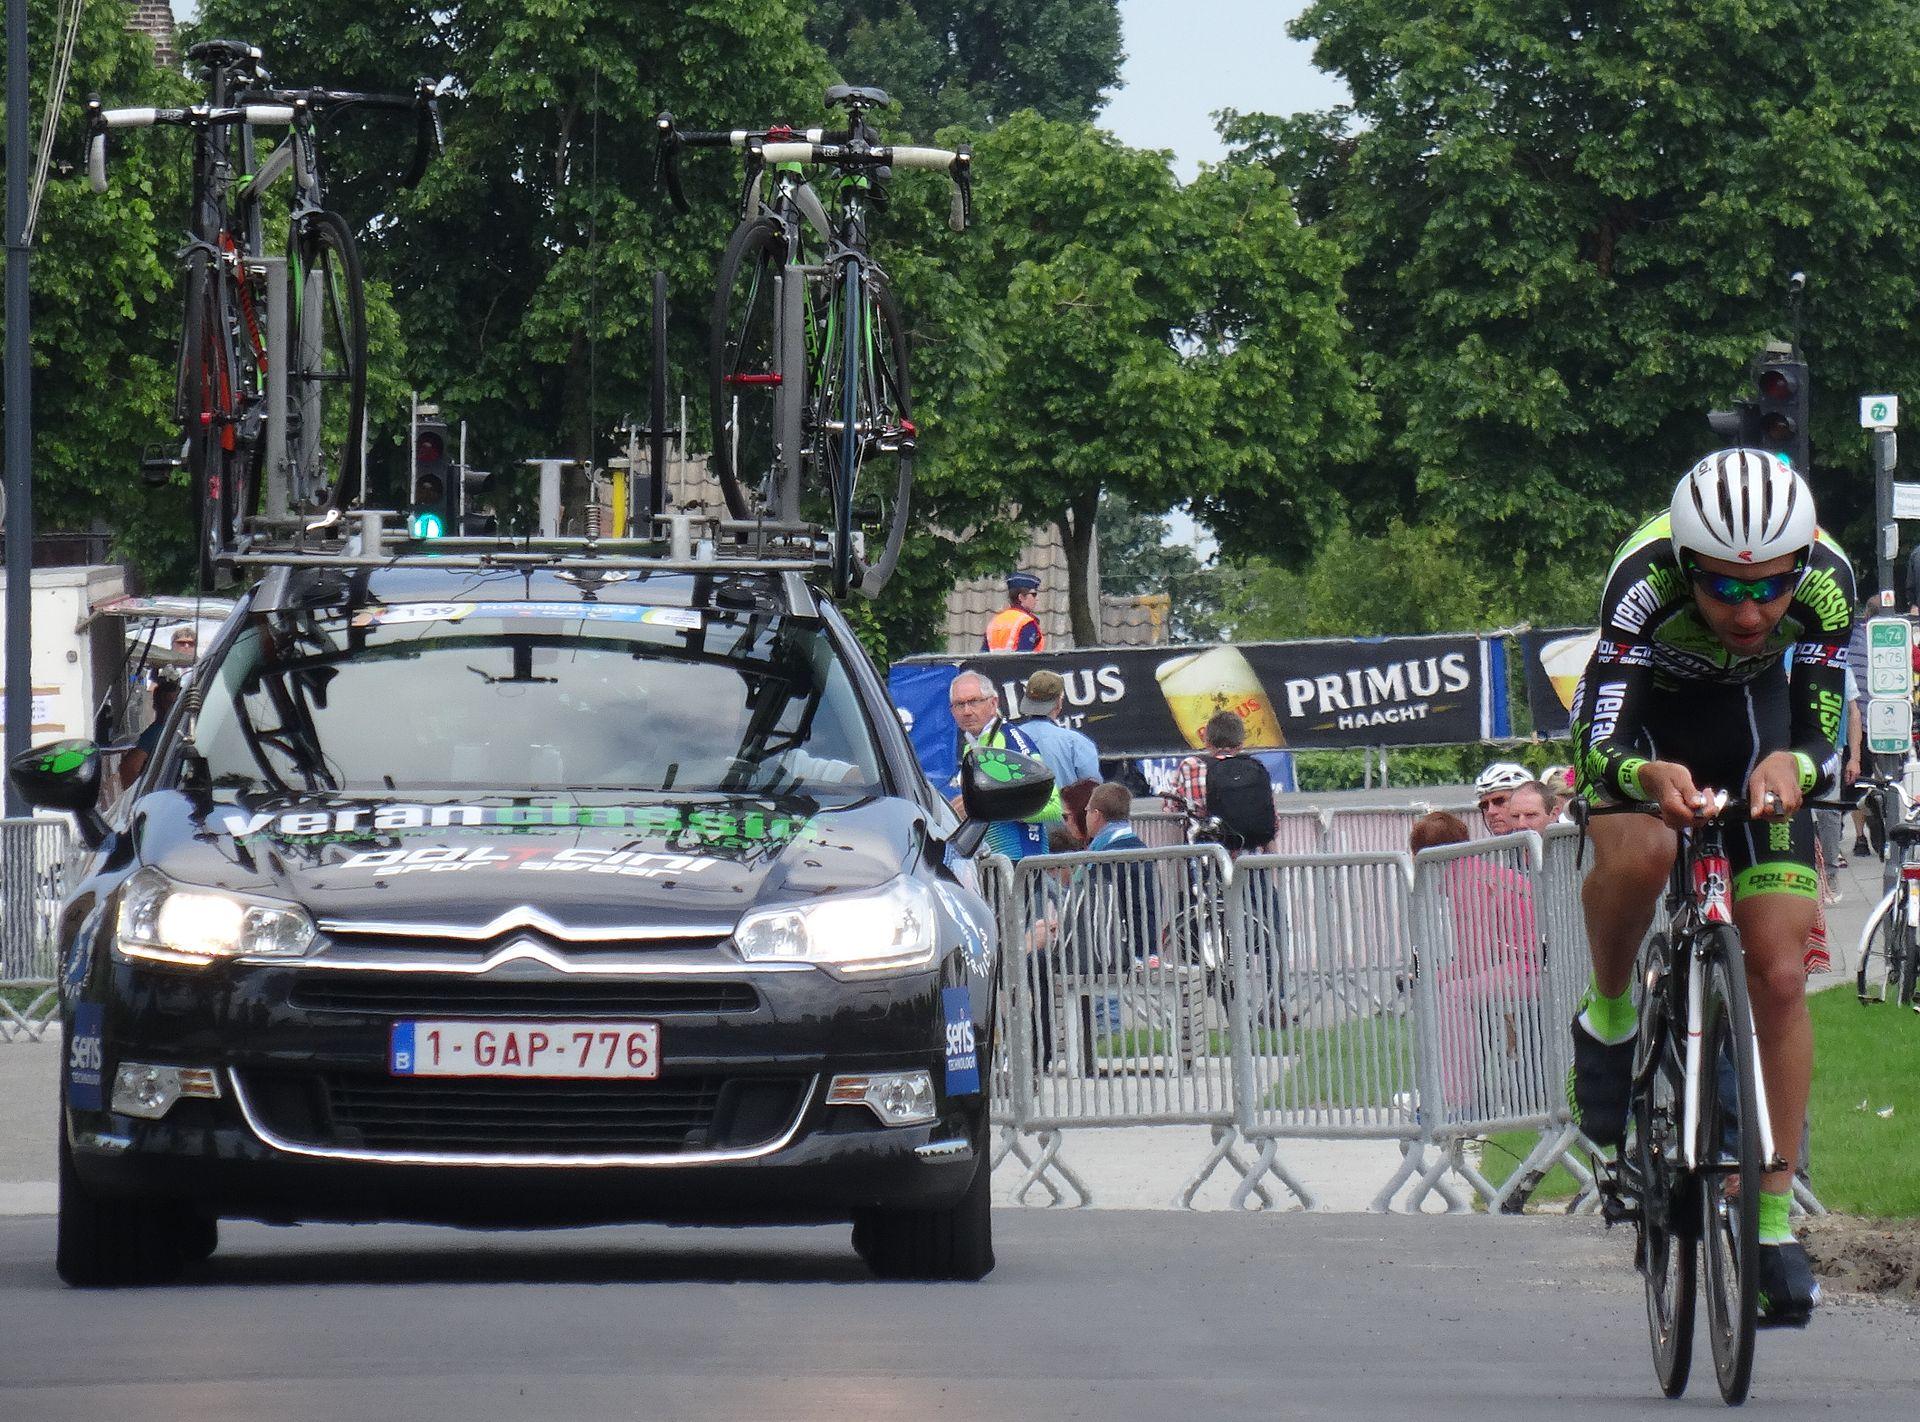 Belgi Tour